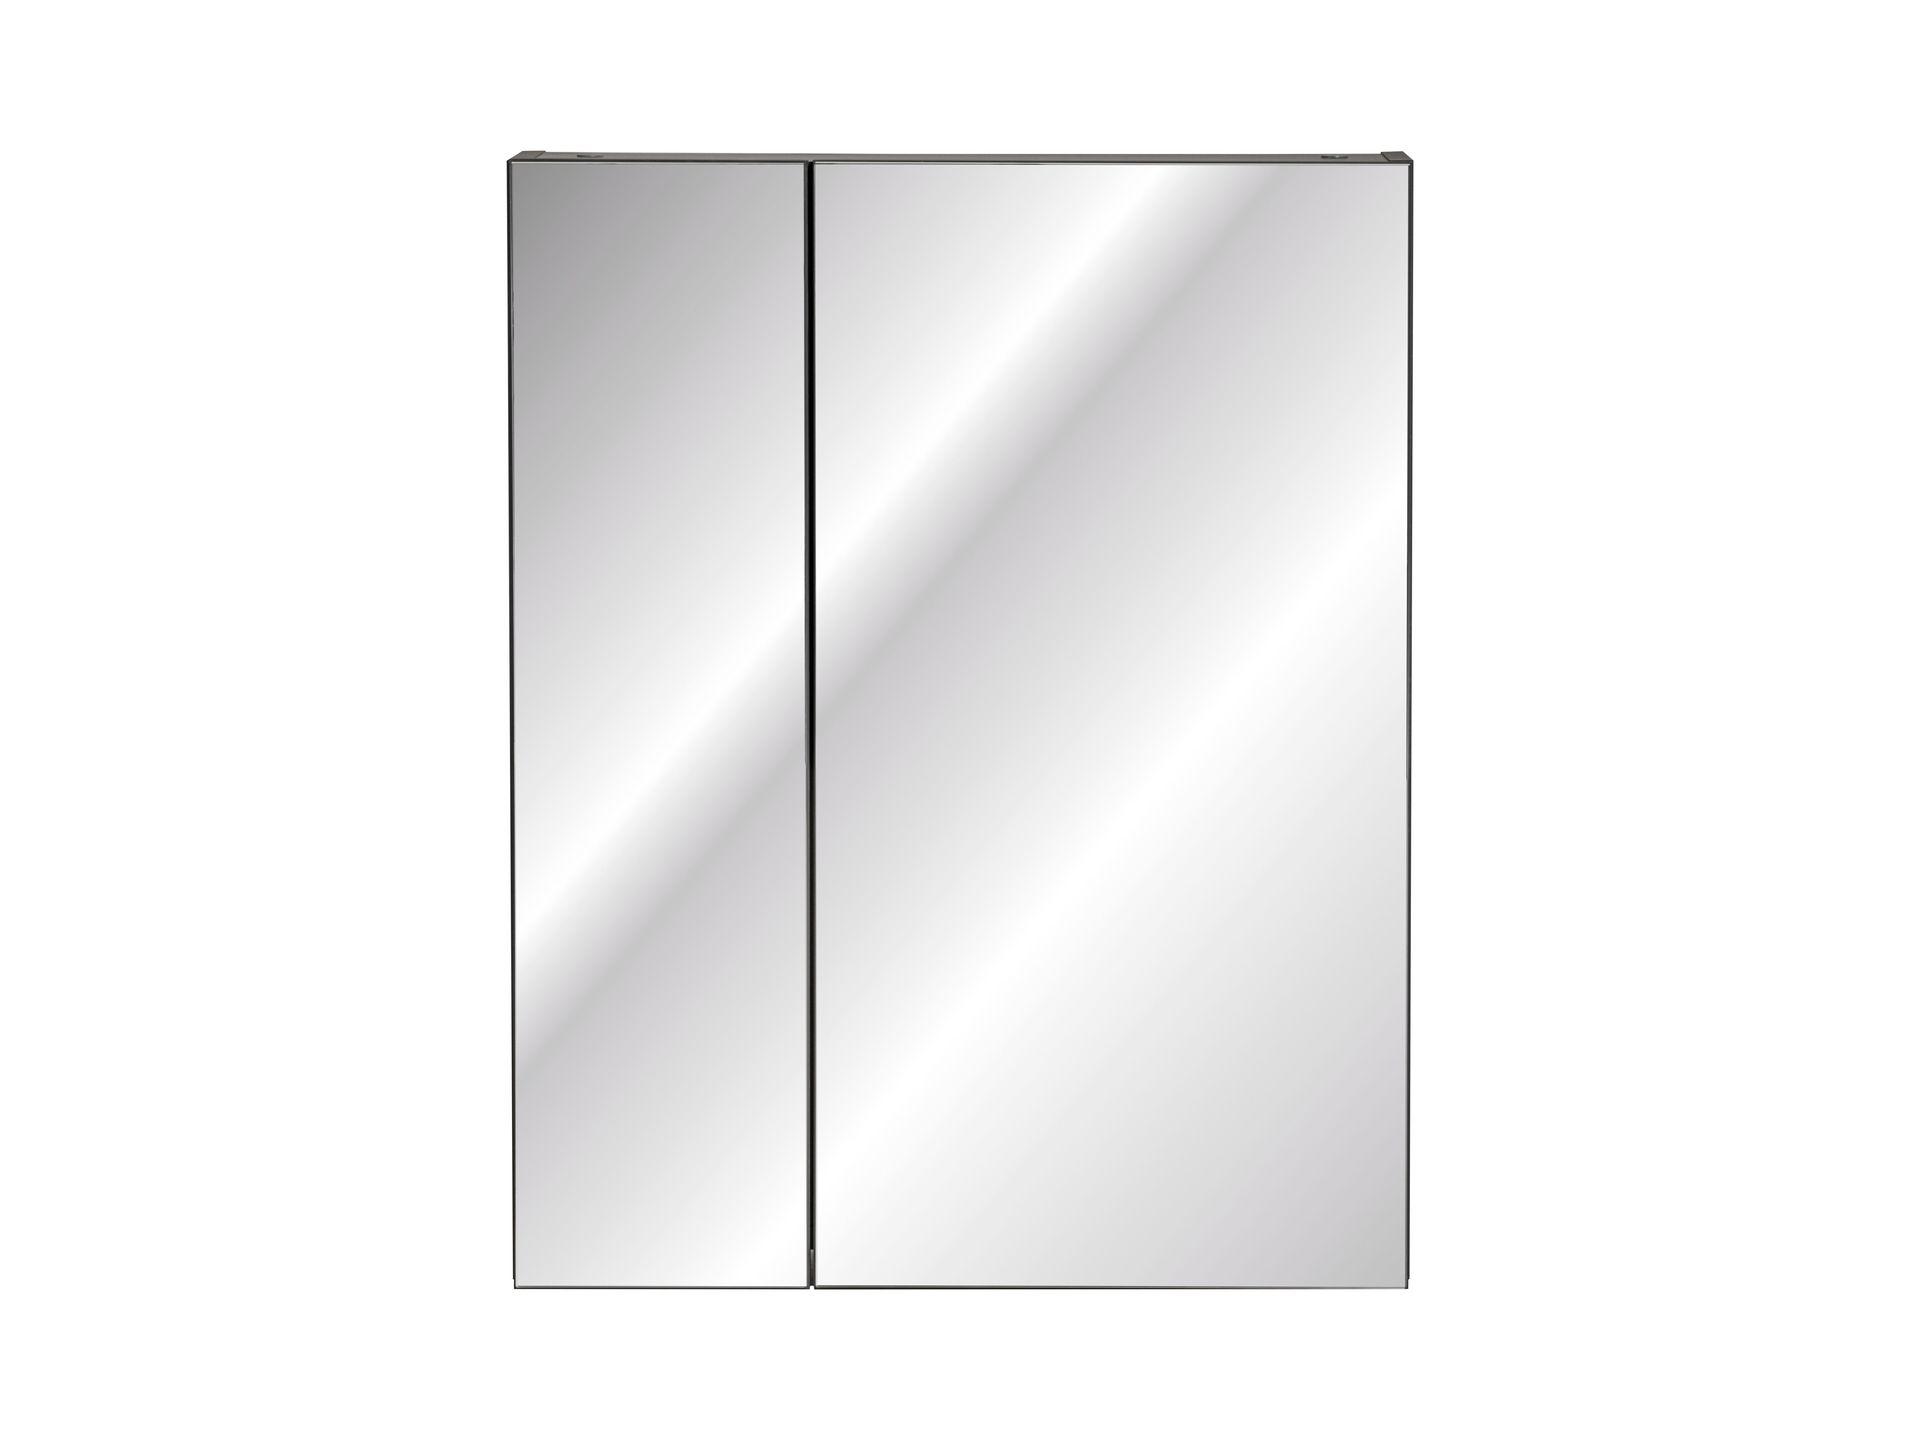 ArtCom Kúpeľňová zostava Monako Grey Oak Monako: Zrkadlová skrinka Monako 840 - 75 x 60 x 16 cm